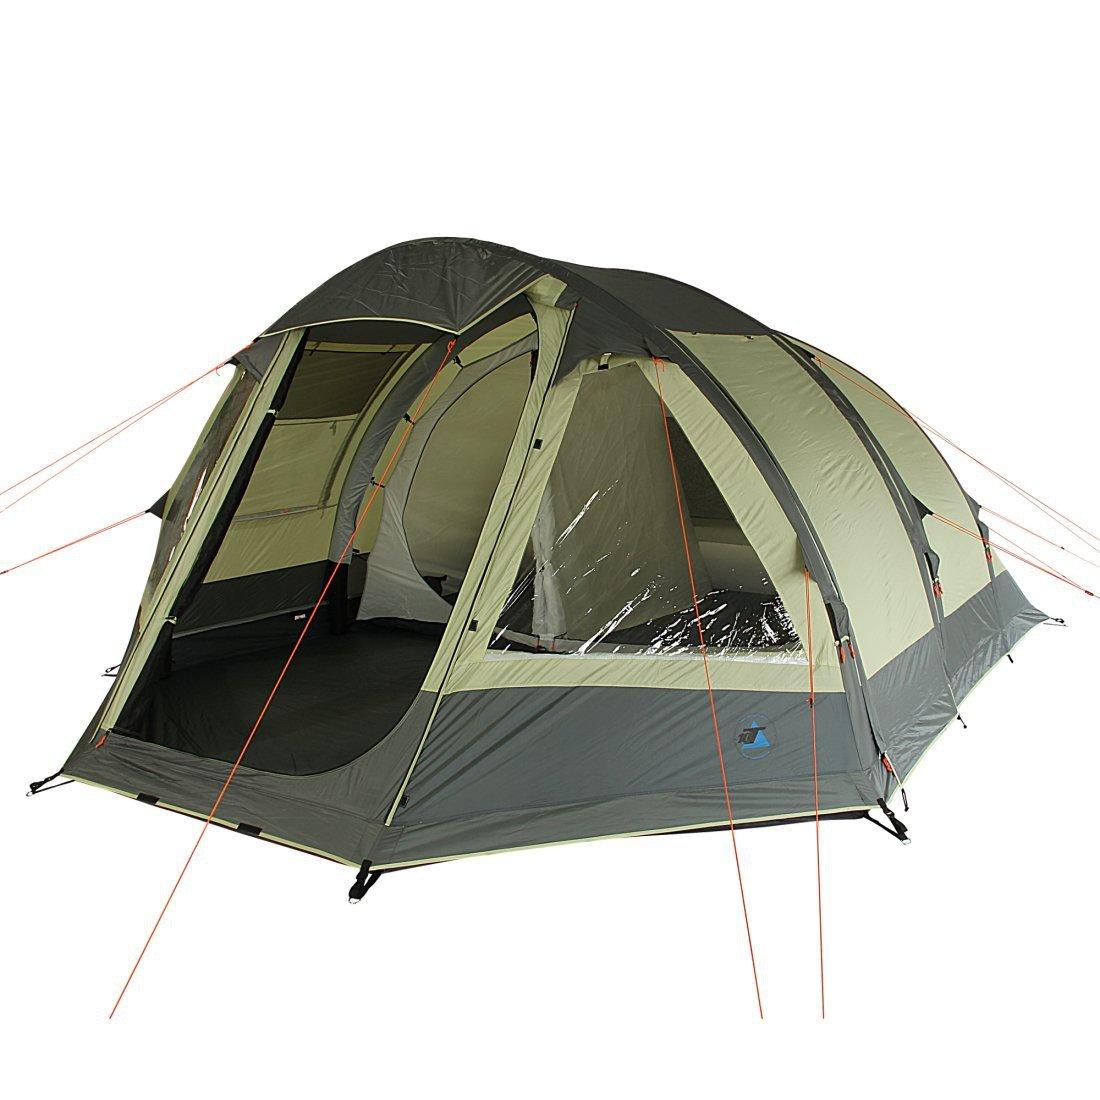 10T Camping-Zelt Uranus 5 aufblasbares AirTube Tunnelzelt mit Schlafkabine für 5 Personen Outdoor Familienzelt mit Wohnraum, eingenähte Bodenwanne, wasserdicht mit 5000mm Wassersäule inkl. Pumpe